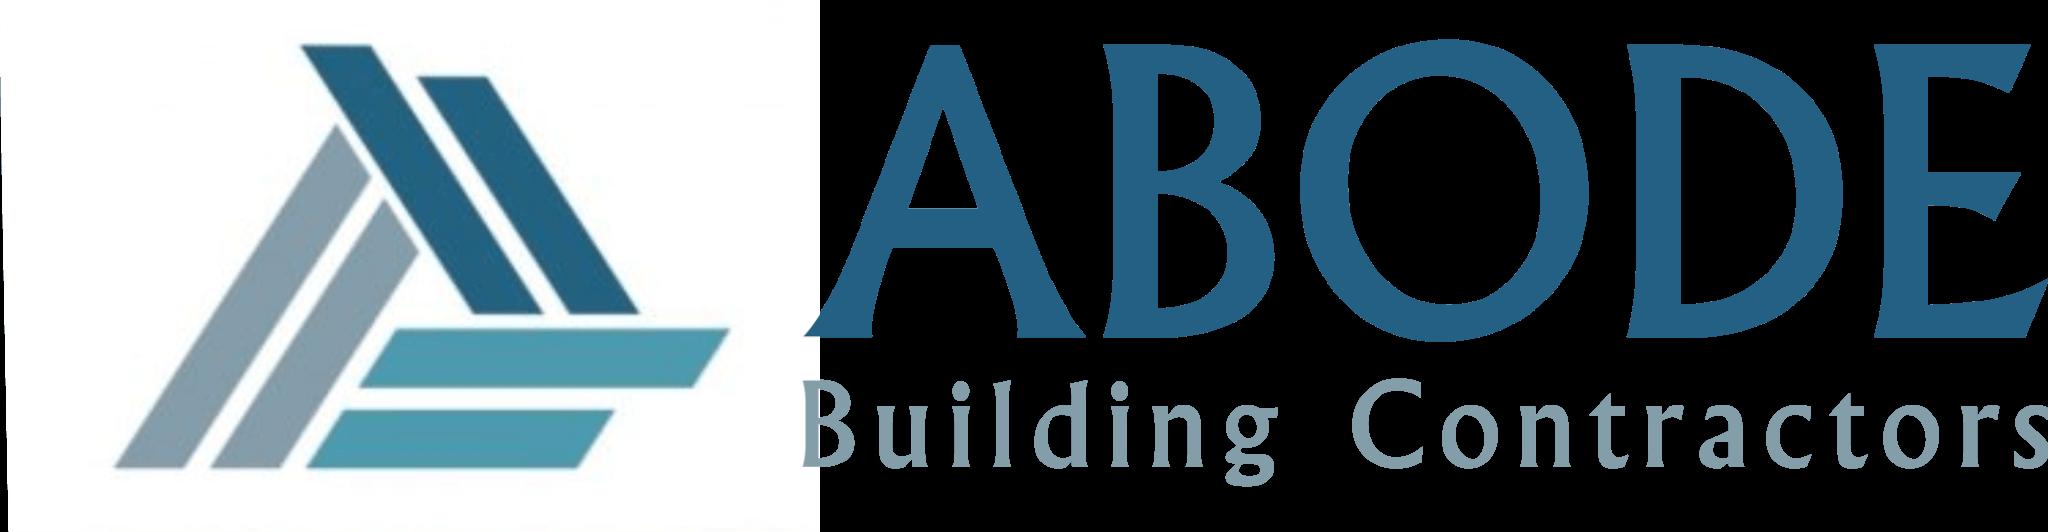 Abode Building Contractors